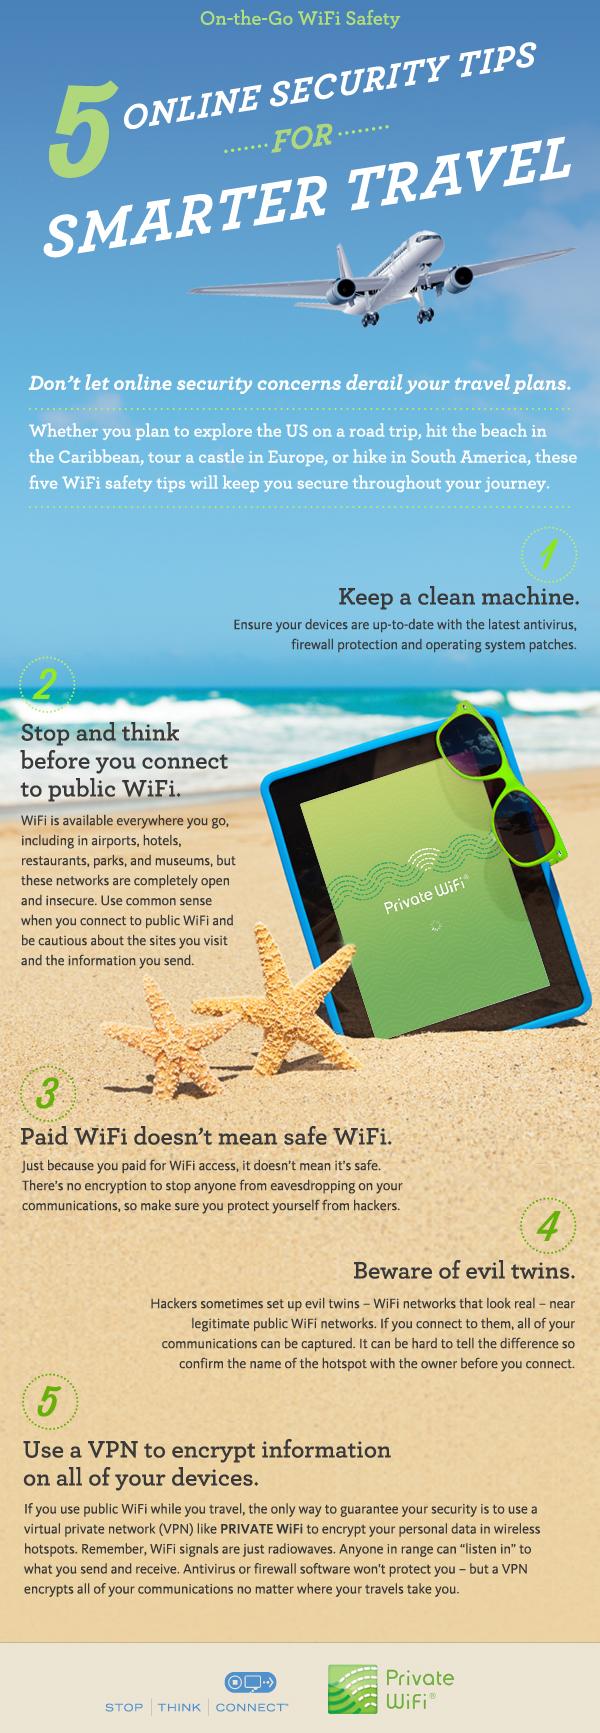 PWF_STC_Travel_WiFi